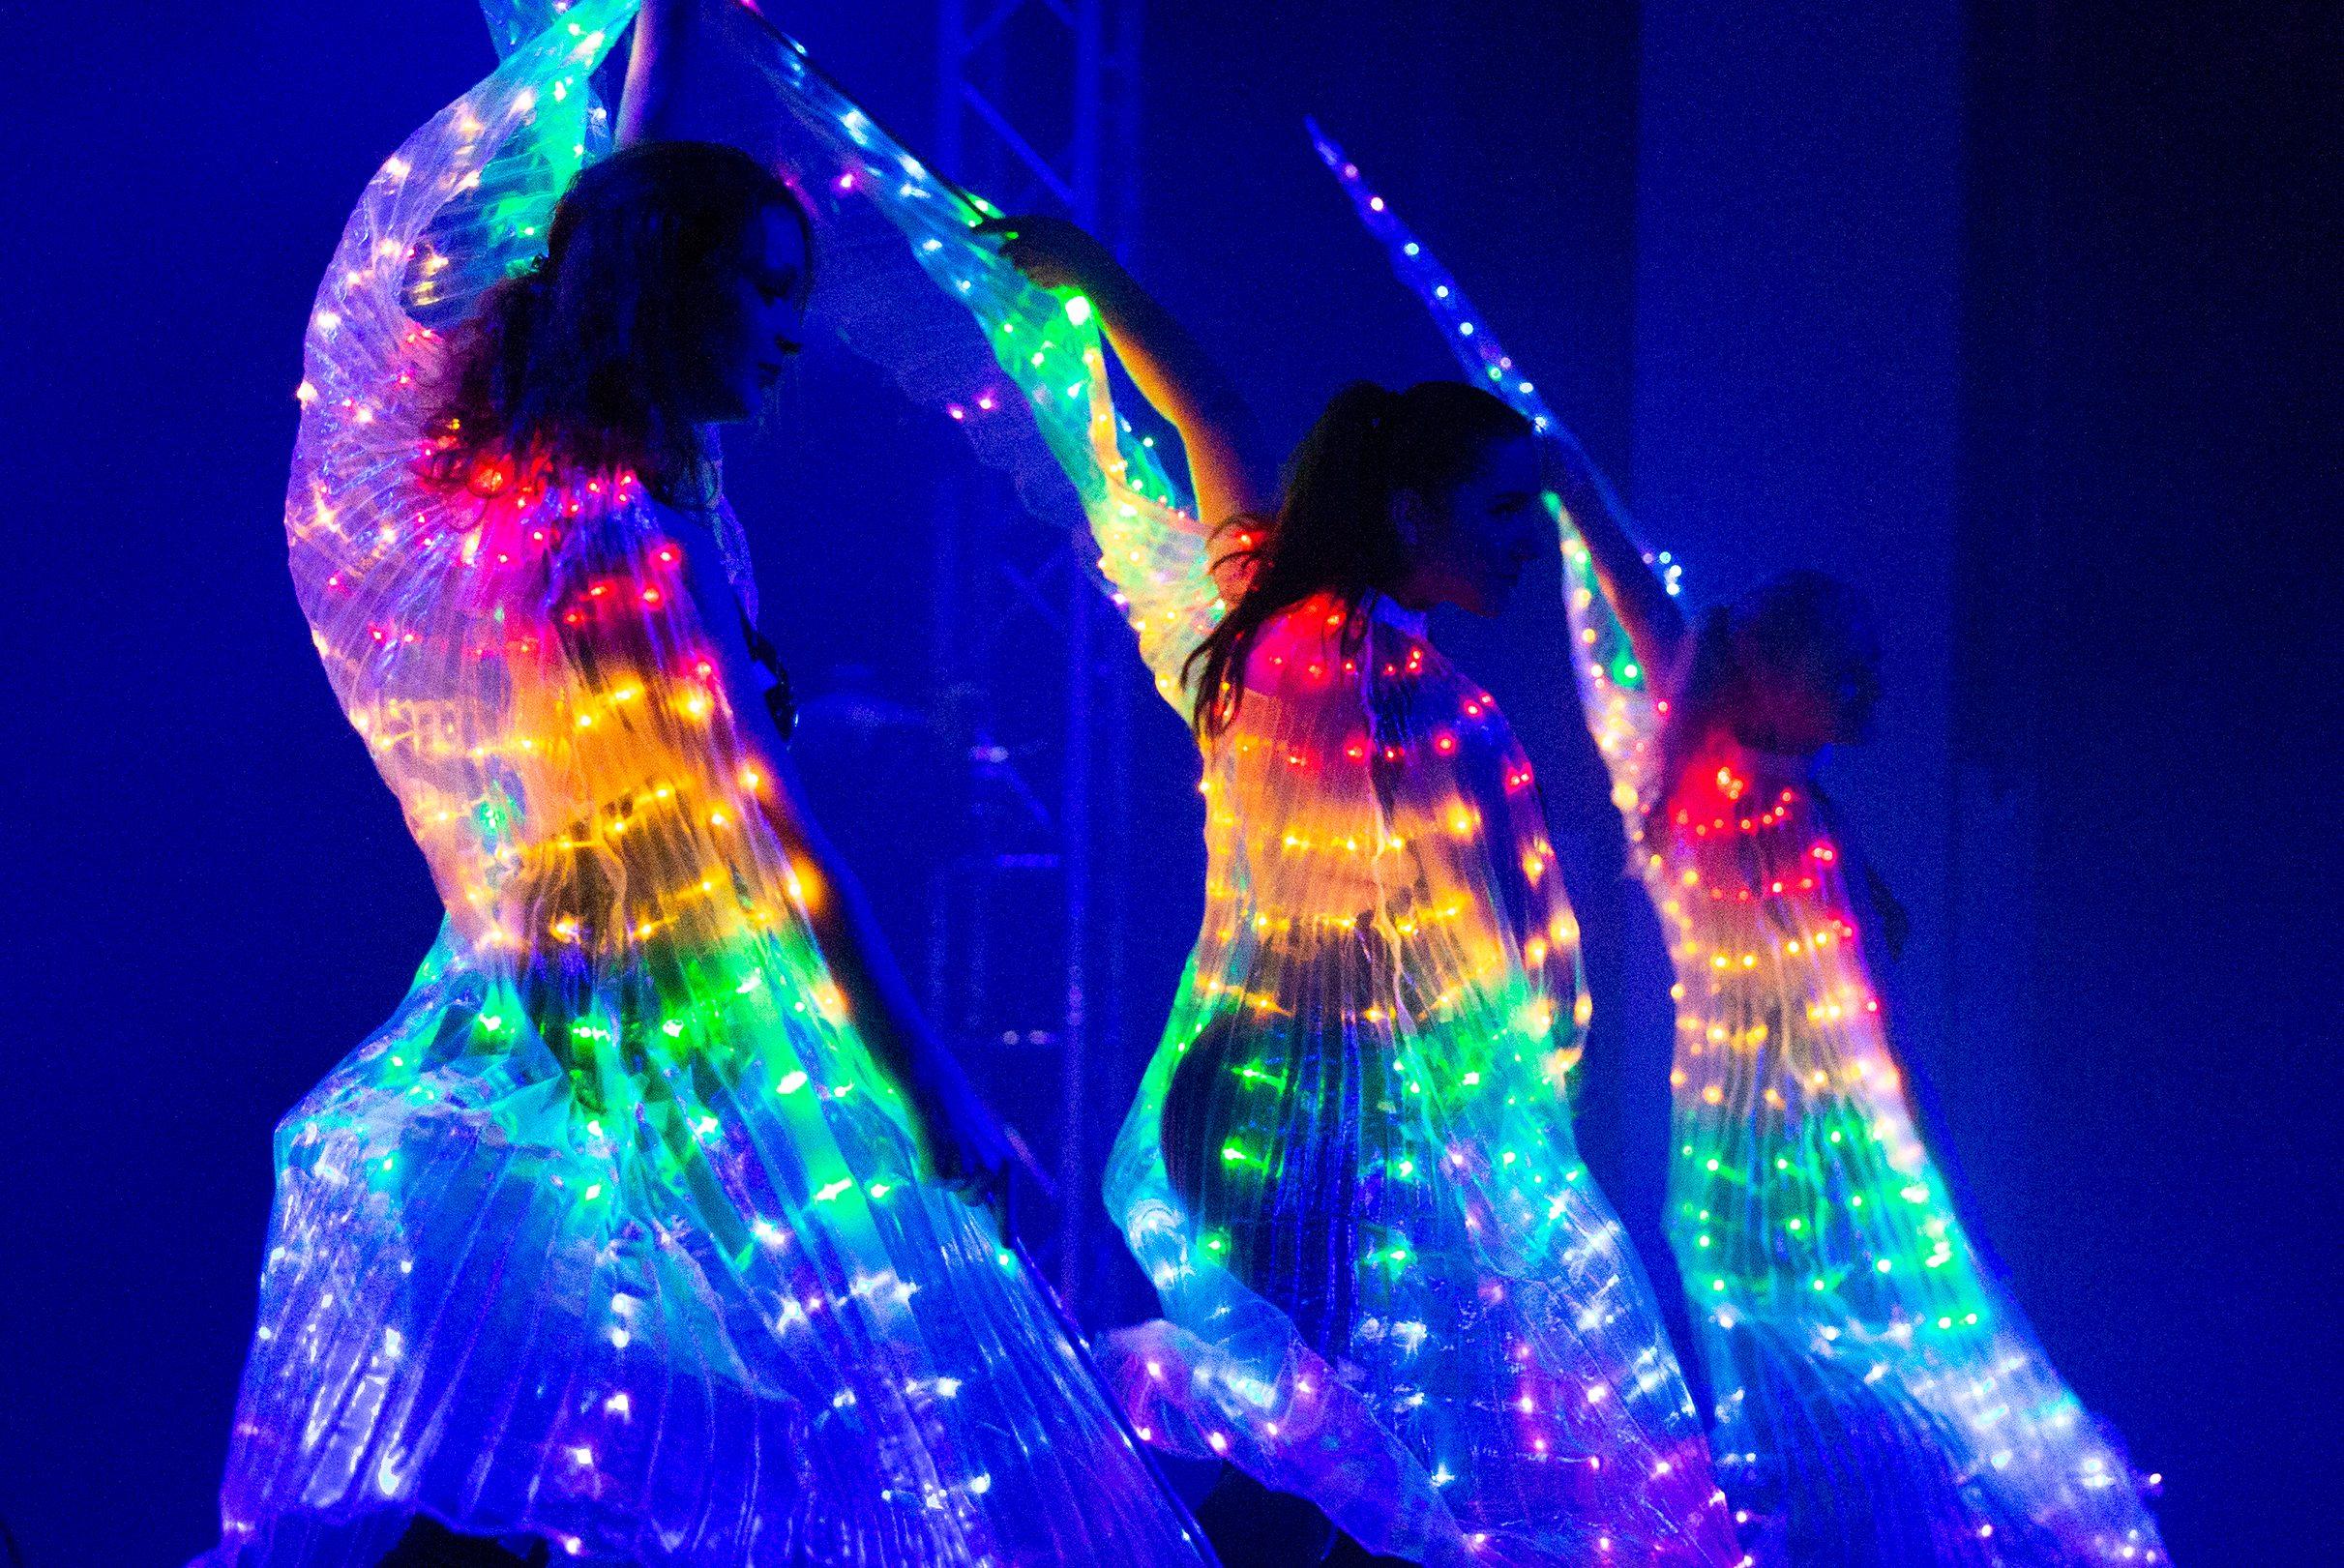 Als würde man in den dunklen Nachthimmel sehen und die Sterne fangen an zu tanzen. Lichtershow aus Sachsen.